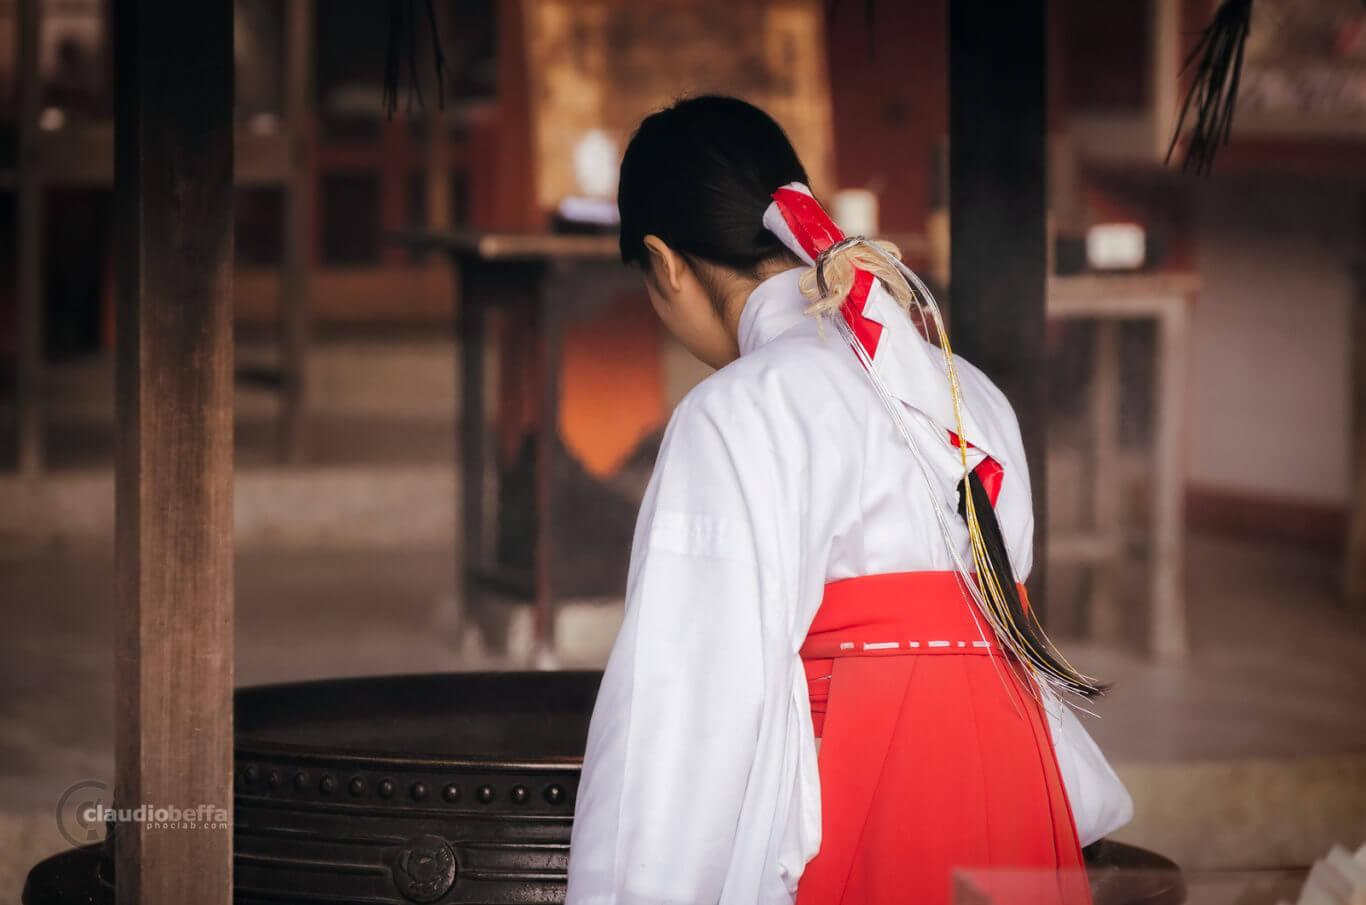 Miko, Miko of Nachi Taisha, Maiden, Priestess, Nachi Taisha, Shrine, Shinto, Culture, Tradition, Kii peninsula, Kumano, Japan